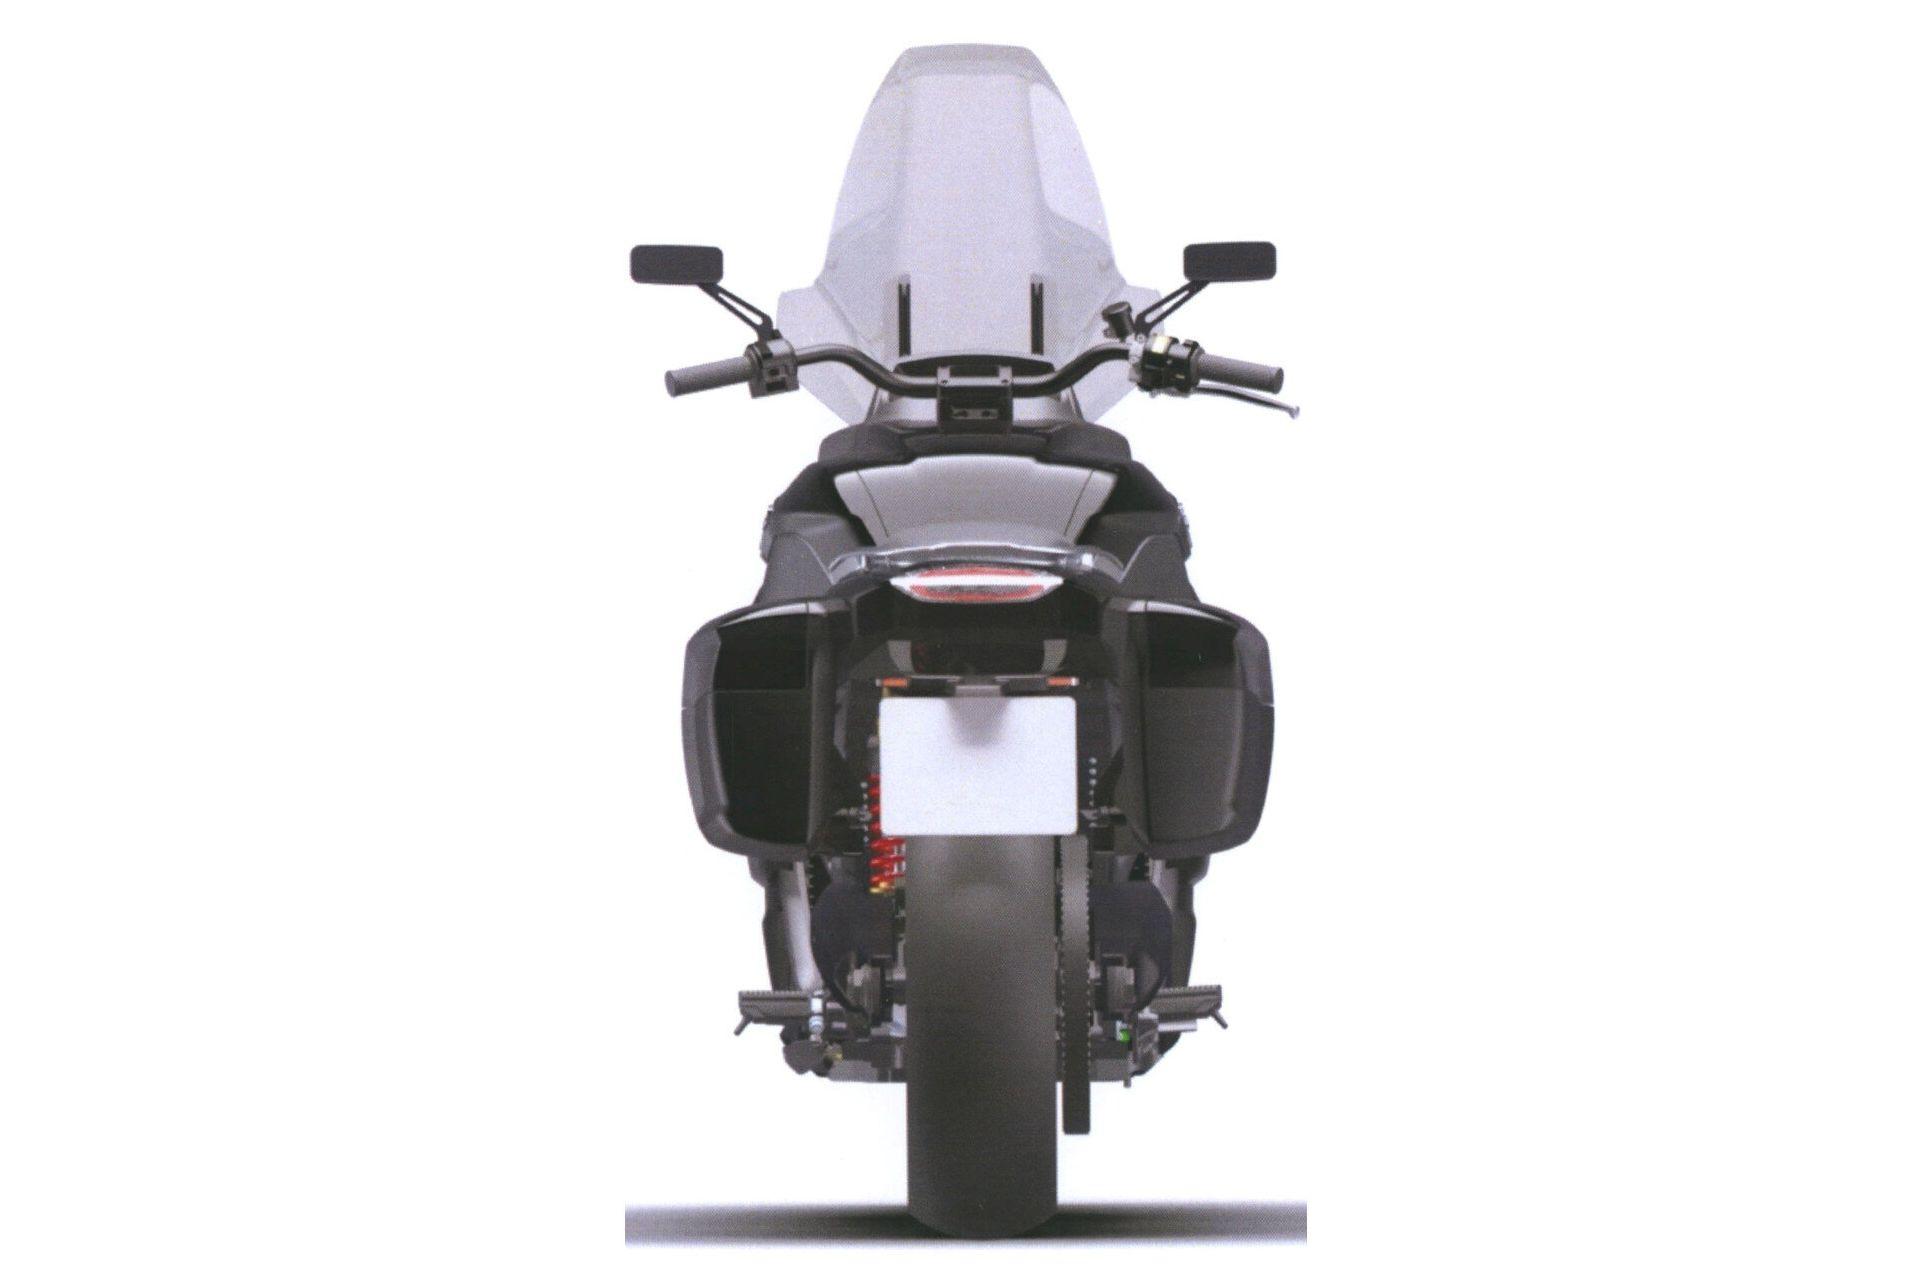 Aurus-Komendant.-patent-images-6